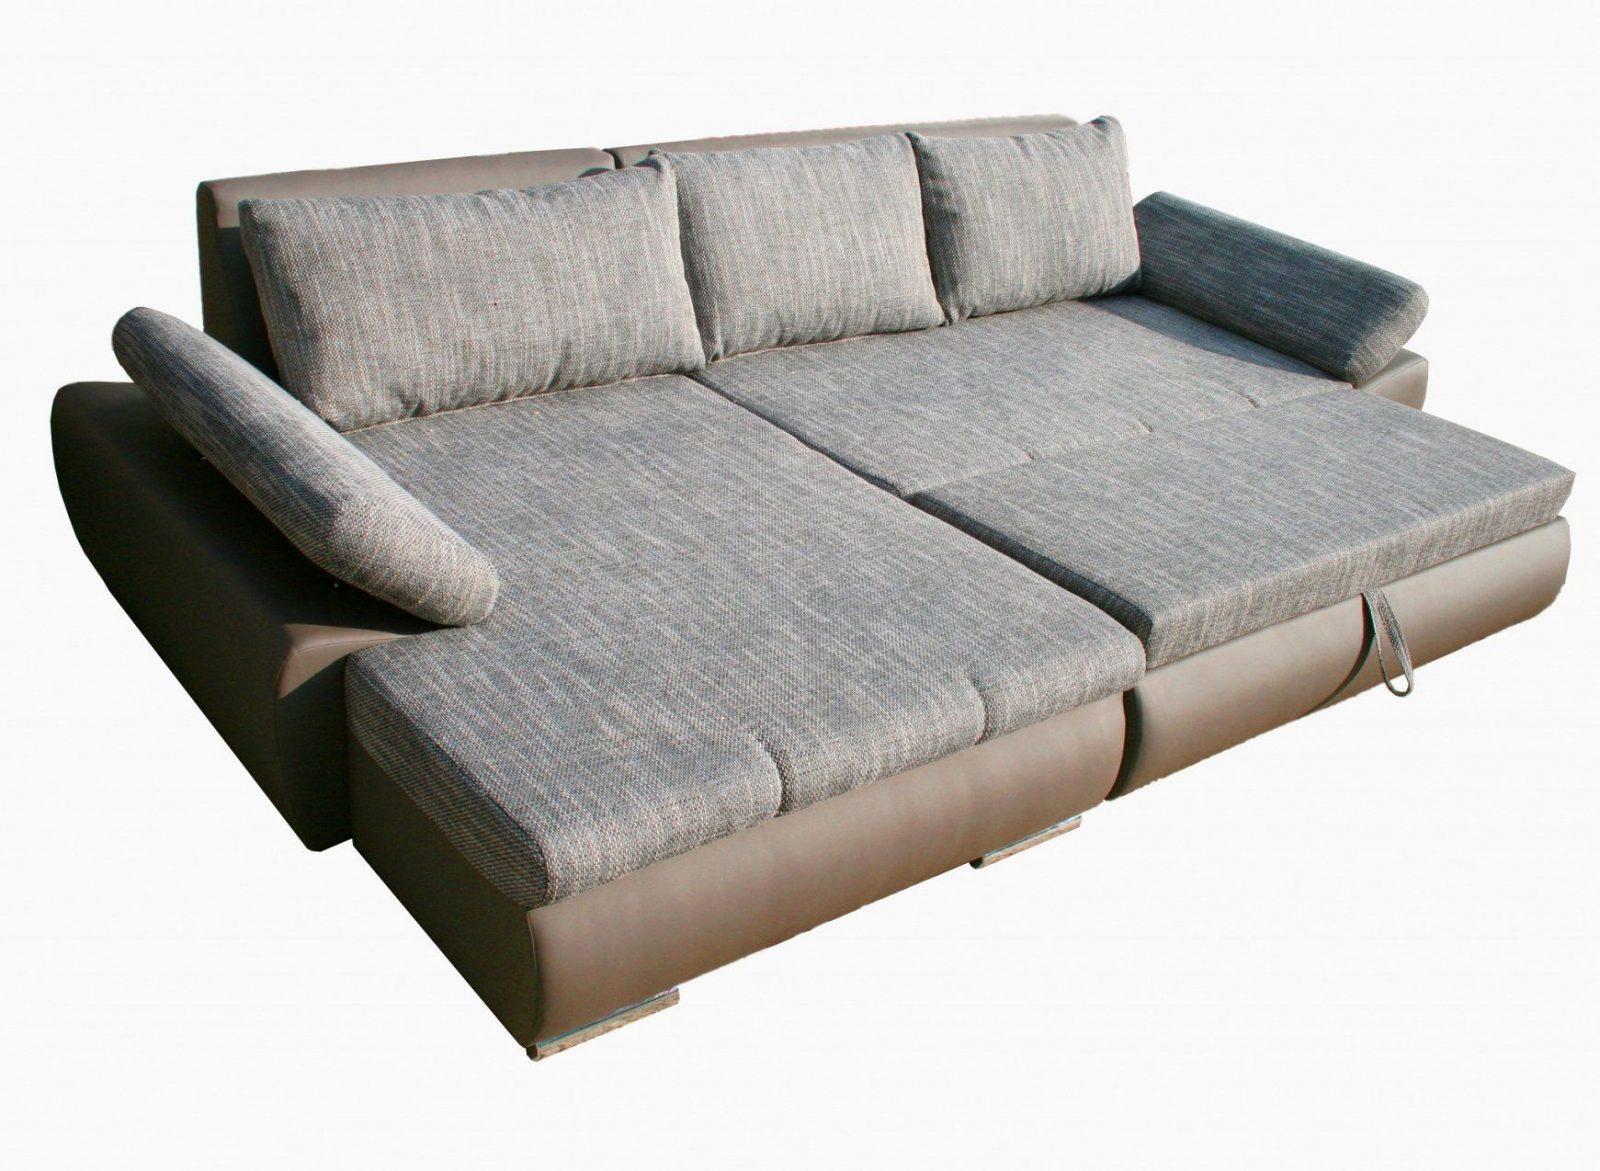 Big Sofa Mit Schlaffunktion Und Bettkasten 96 With Big Sofa Mit von Big Sofa Mit Schlaffunktion Und Bettkasten Photo